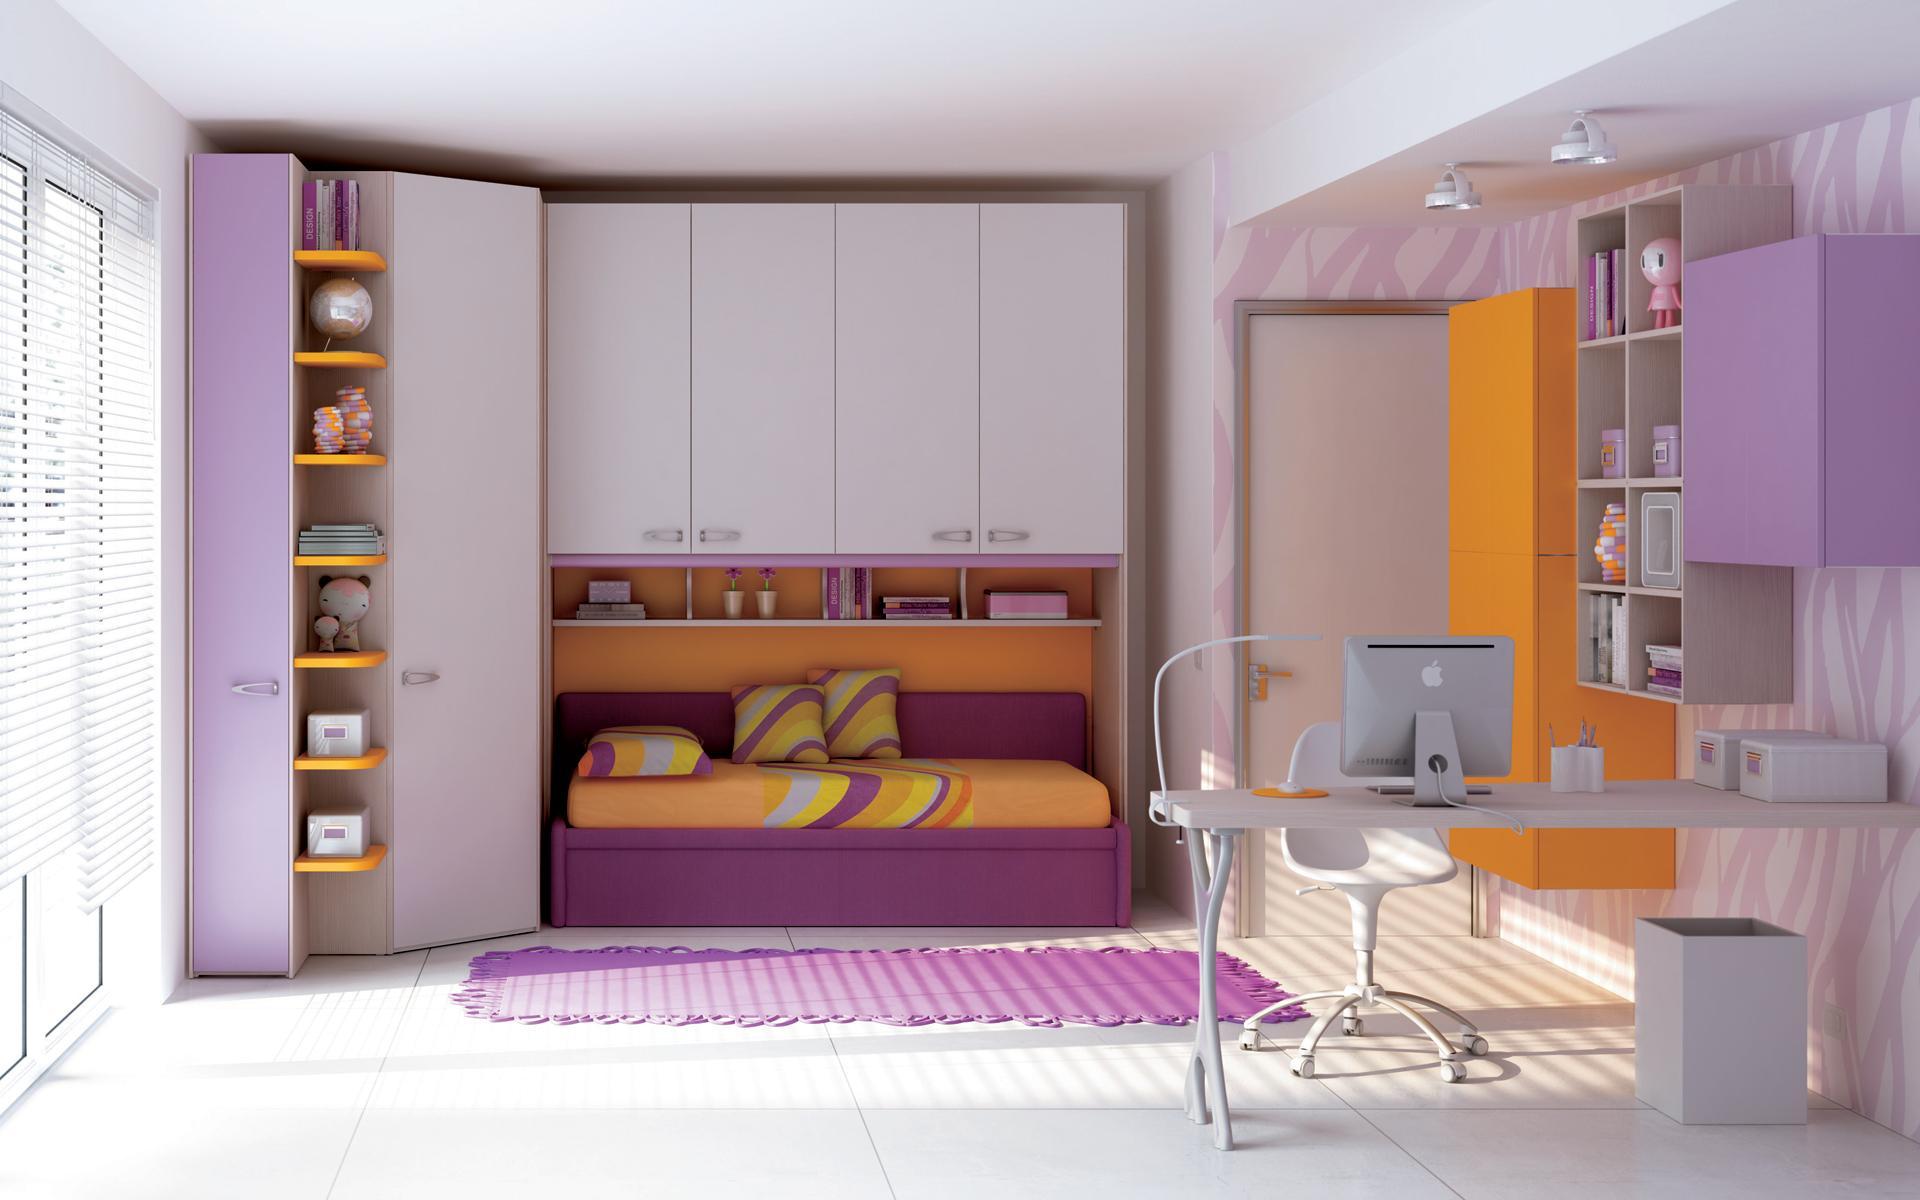 Camerette per ragazzi e camere per bambiniGruppo Gradi